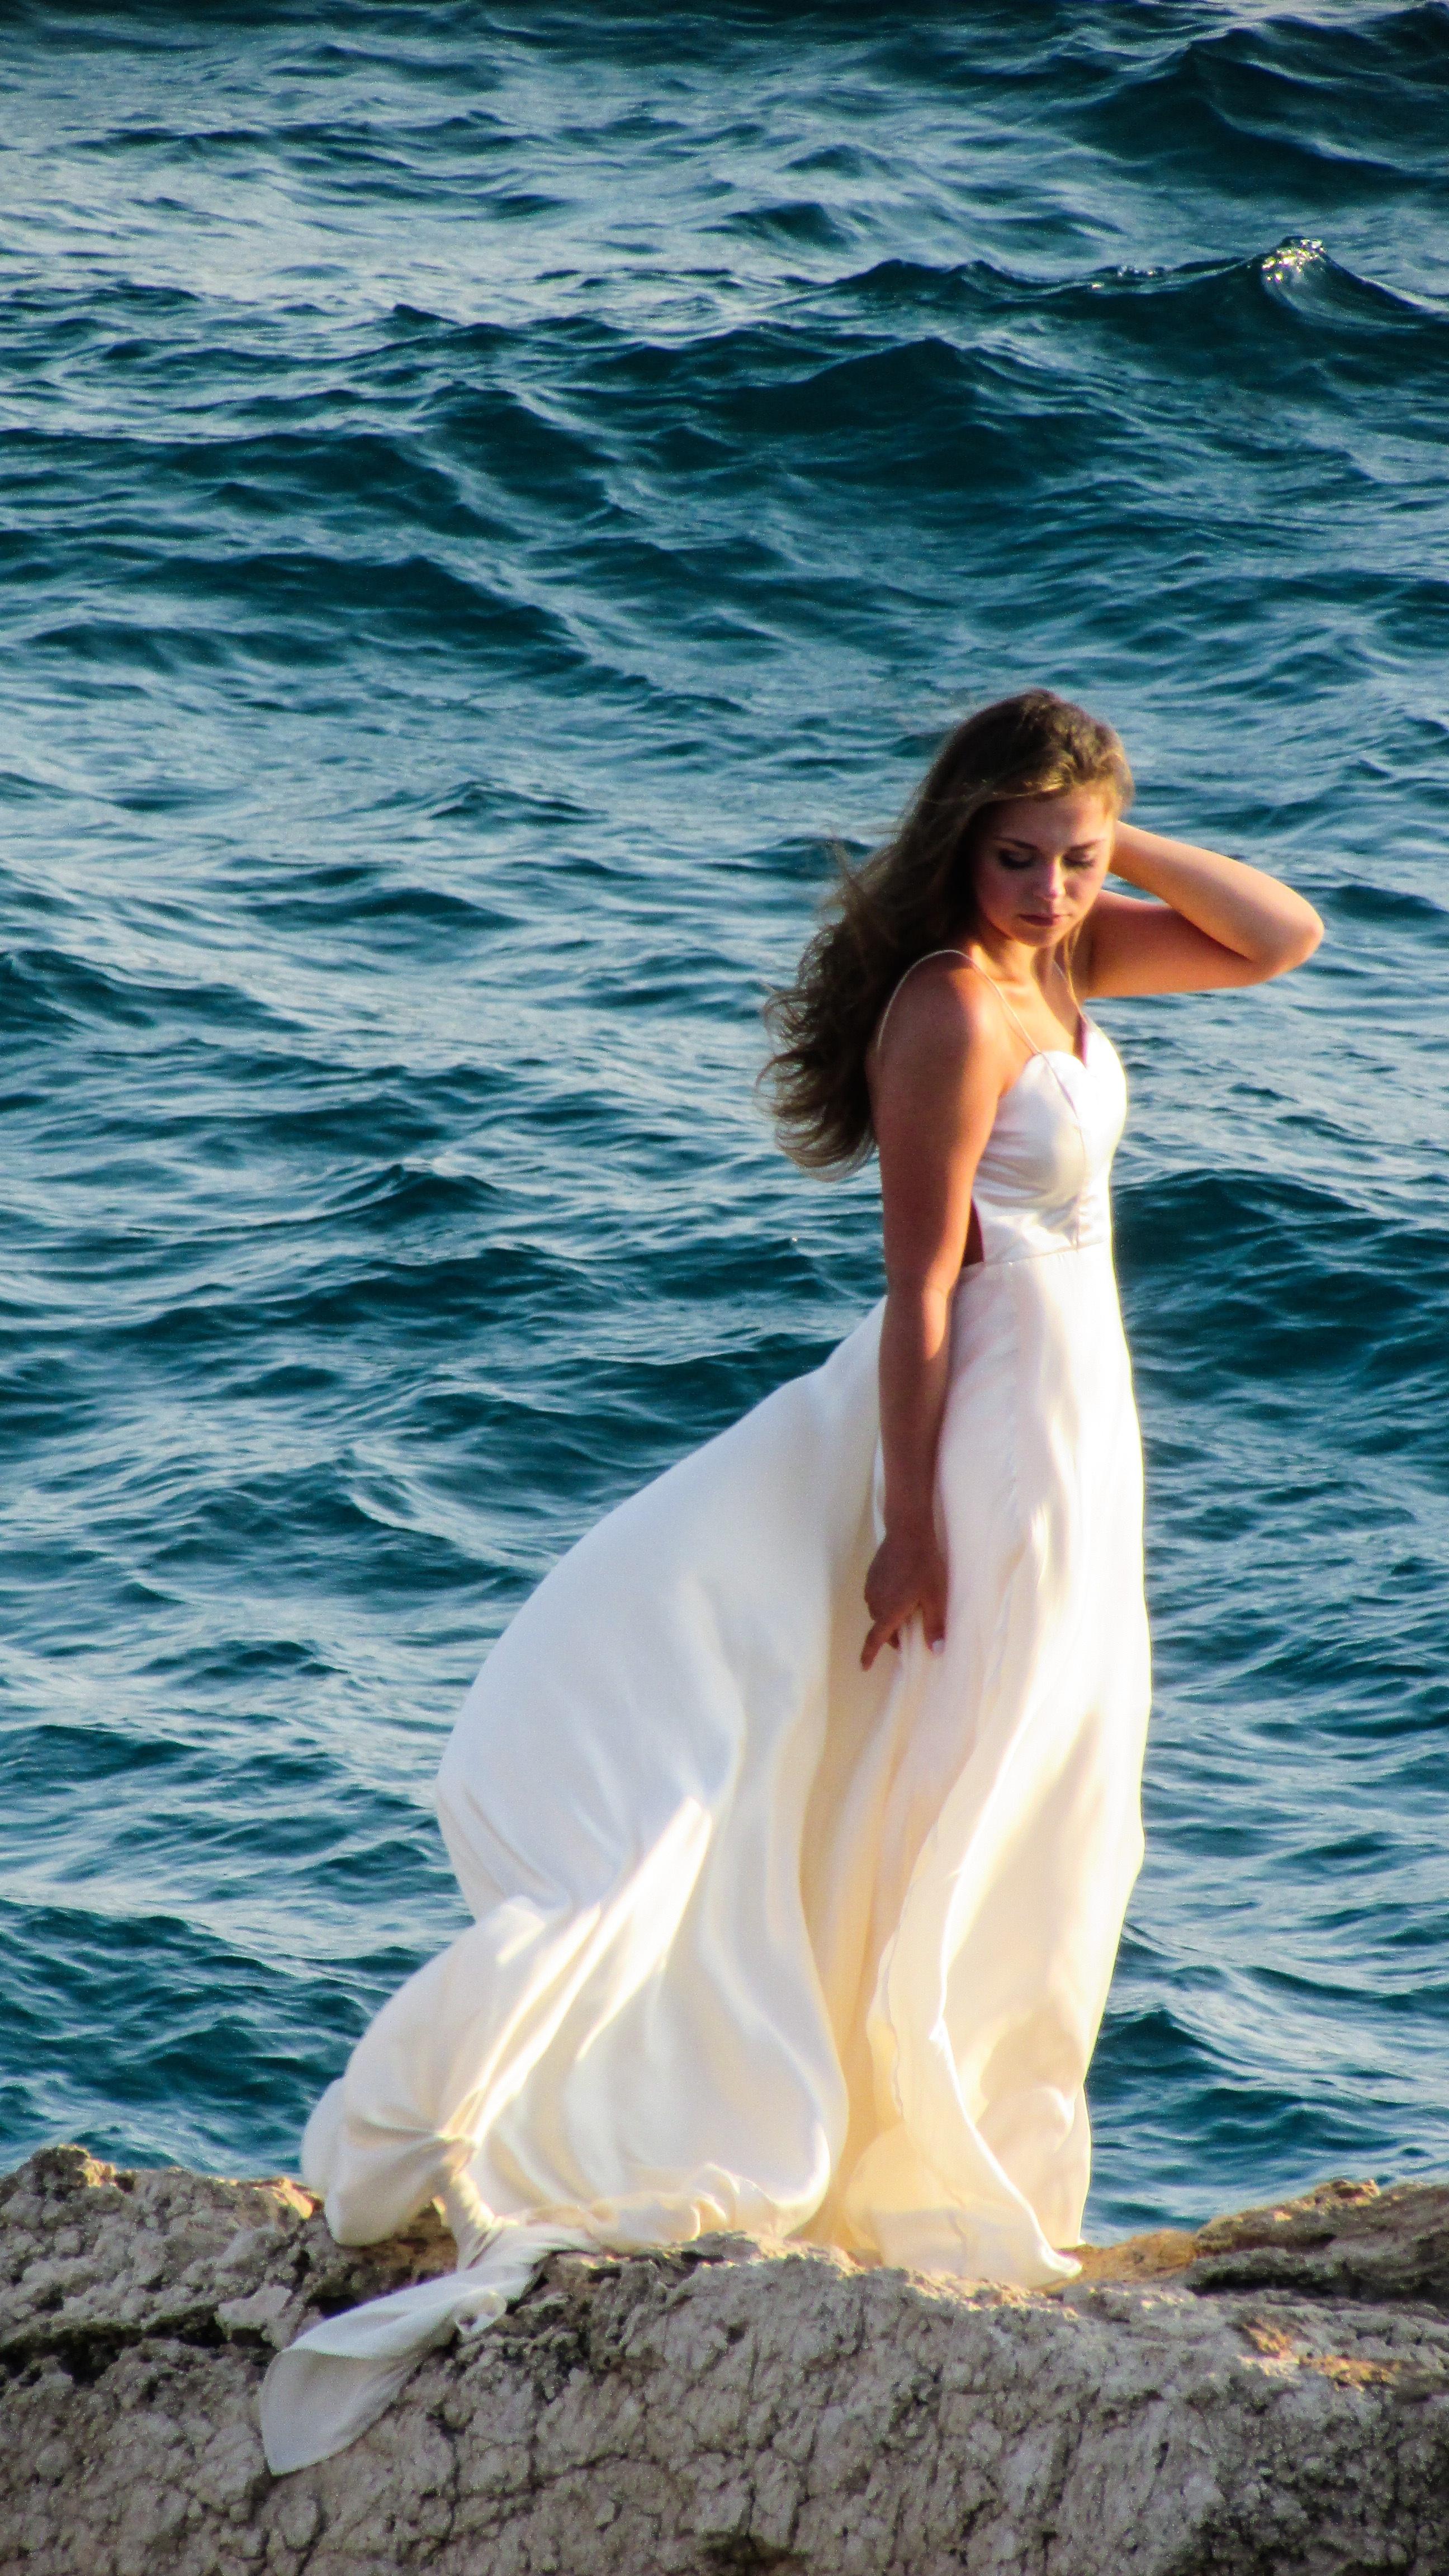 Fotos gratis : mar, rock, niña, mujer, puesta de sol, blanco, verano ...